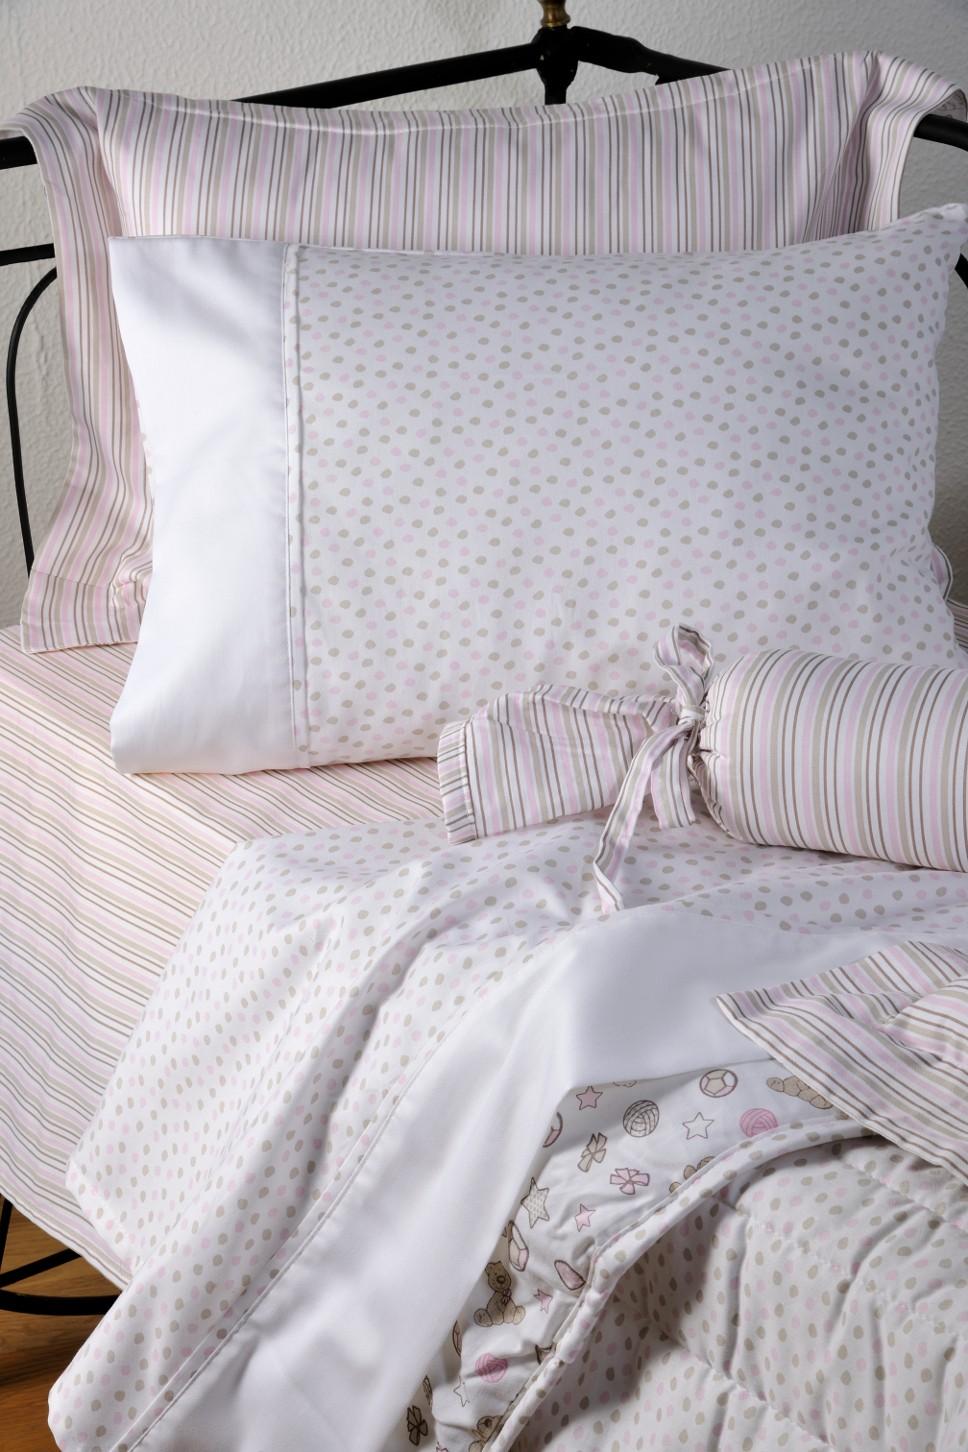 Διακοσμητικό Μαξιλάρι Καραμέλα Down Town BS 582 home   βρεφικά   διακοσμητικά μαξιλάρια βρεφικά